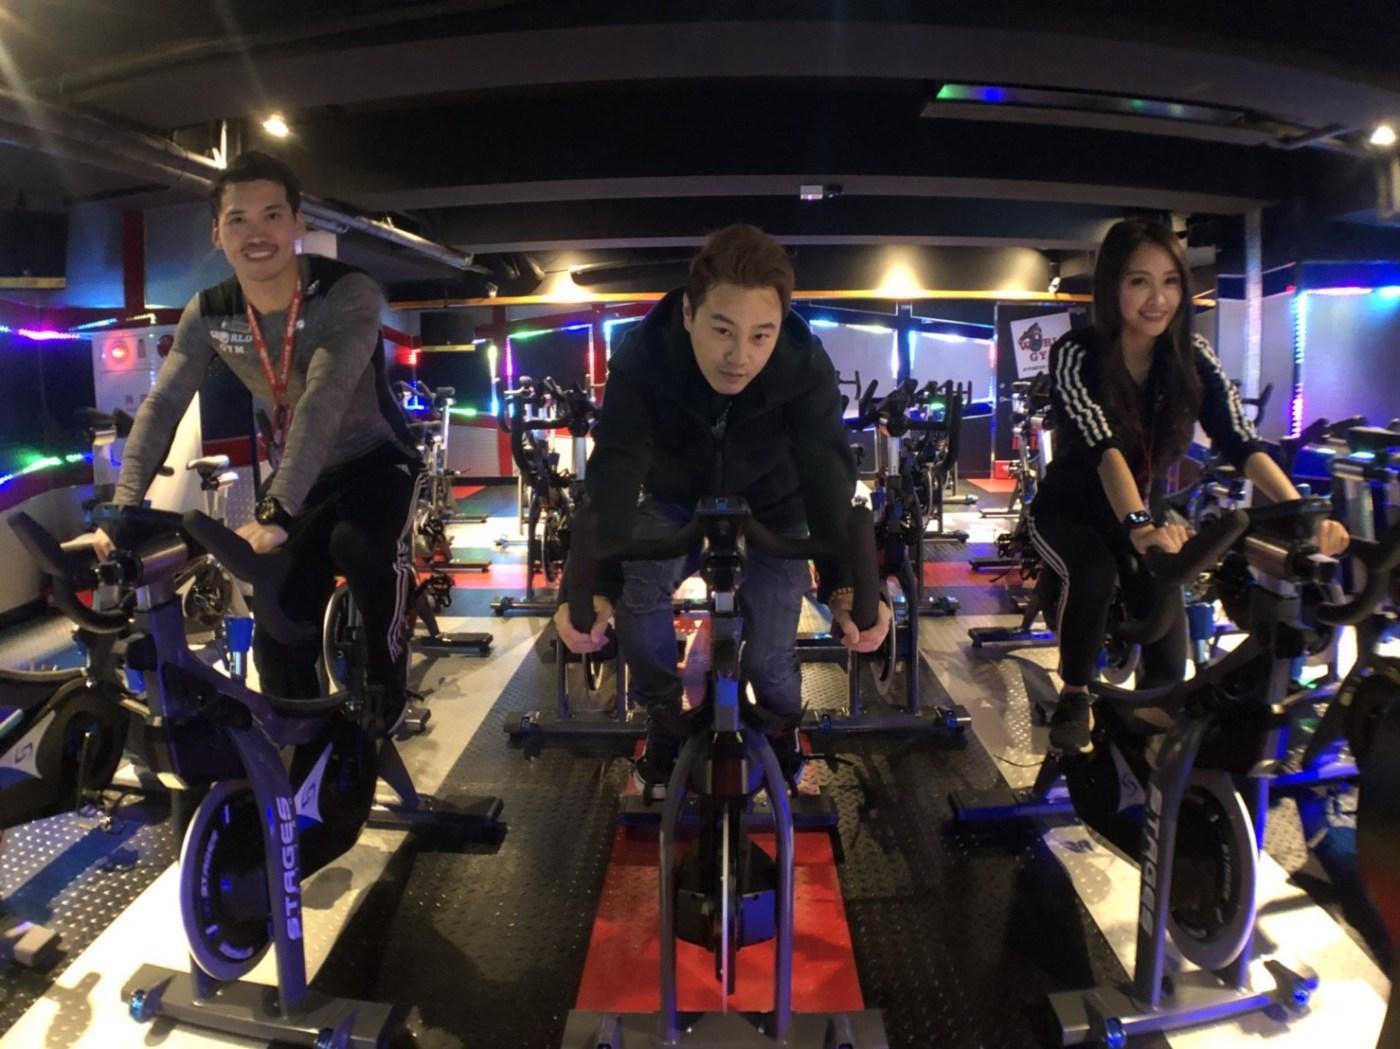 World Gym臺北光復店開始運動 藝人綠茶來了! 體驗全臺獨家「互動式飛輪」 – 第一手報導